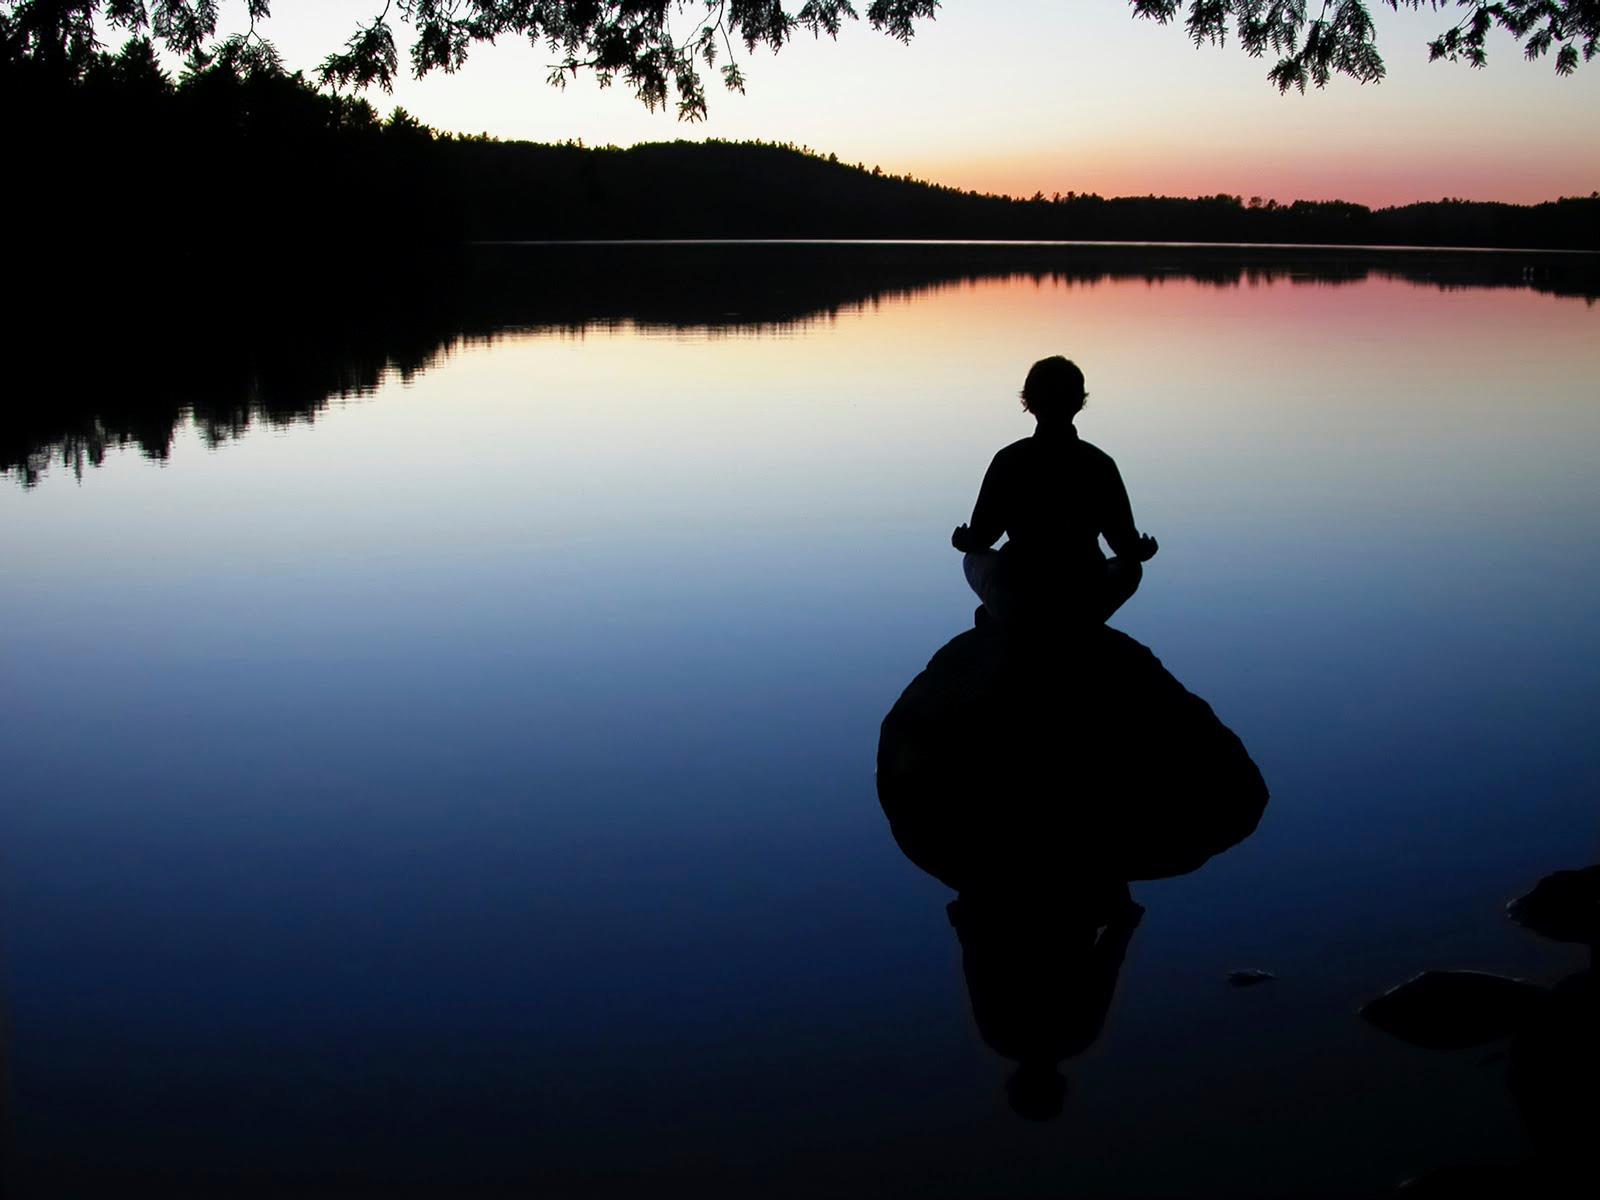 很多人在禪定的時候會打瞌睡,那是因為他沒有修行目標,所以才會昏沈。禪定不是坐著無所事事,胡思亂想,而是要做到身心統一。當身心都靜下來的時候,就會接到一股力量,同時也會從體內產生一股力量,這內外的力量可以幫助你突破身心的障礙。~悟覺妙天禪師